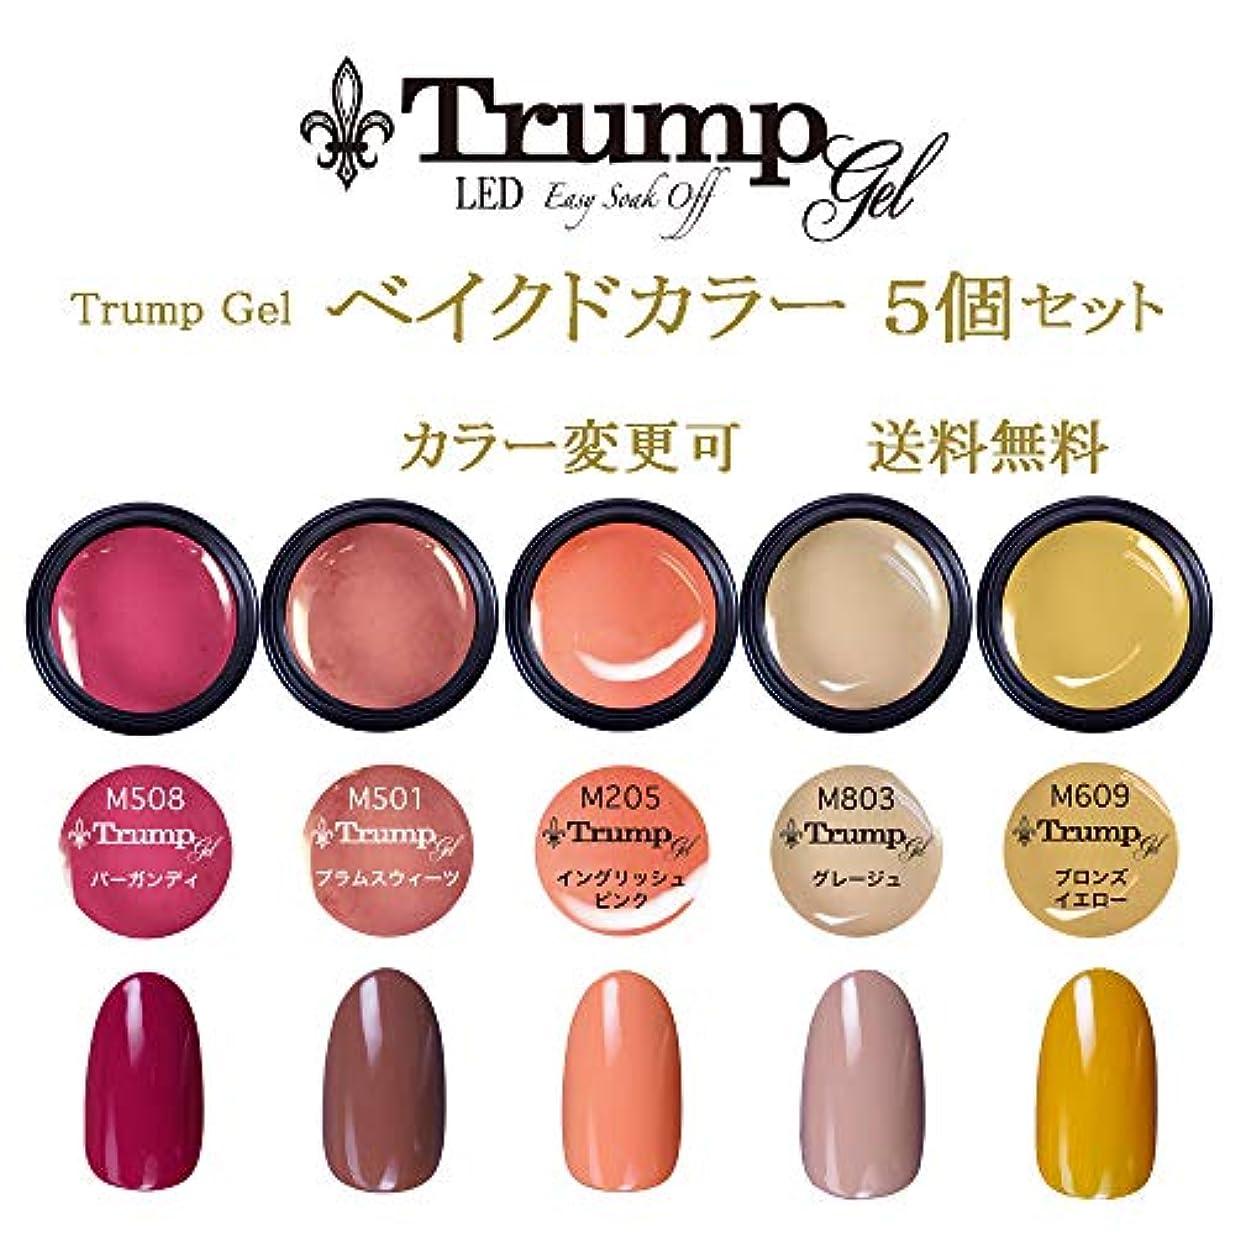 怠惰半導体意欲【送料無料】日本製 Trump gel トランプジェル ベイクドカラー 選べる カラージェル 5個セット ミルキーネイル ベージュ オレンジ カラー